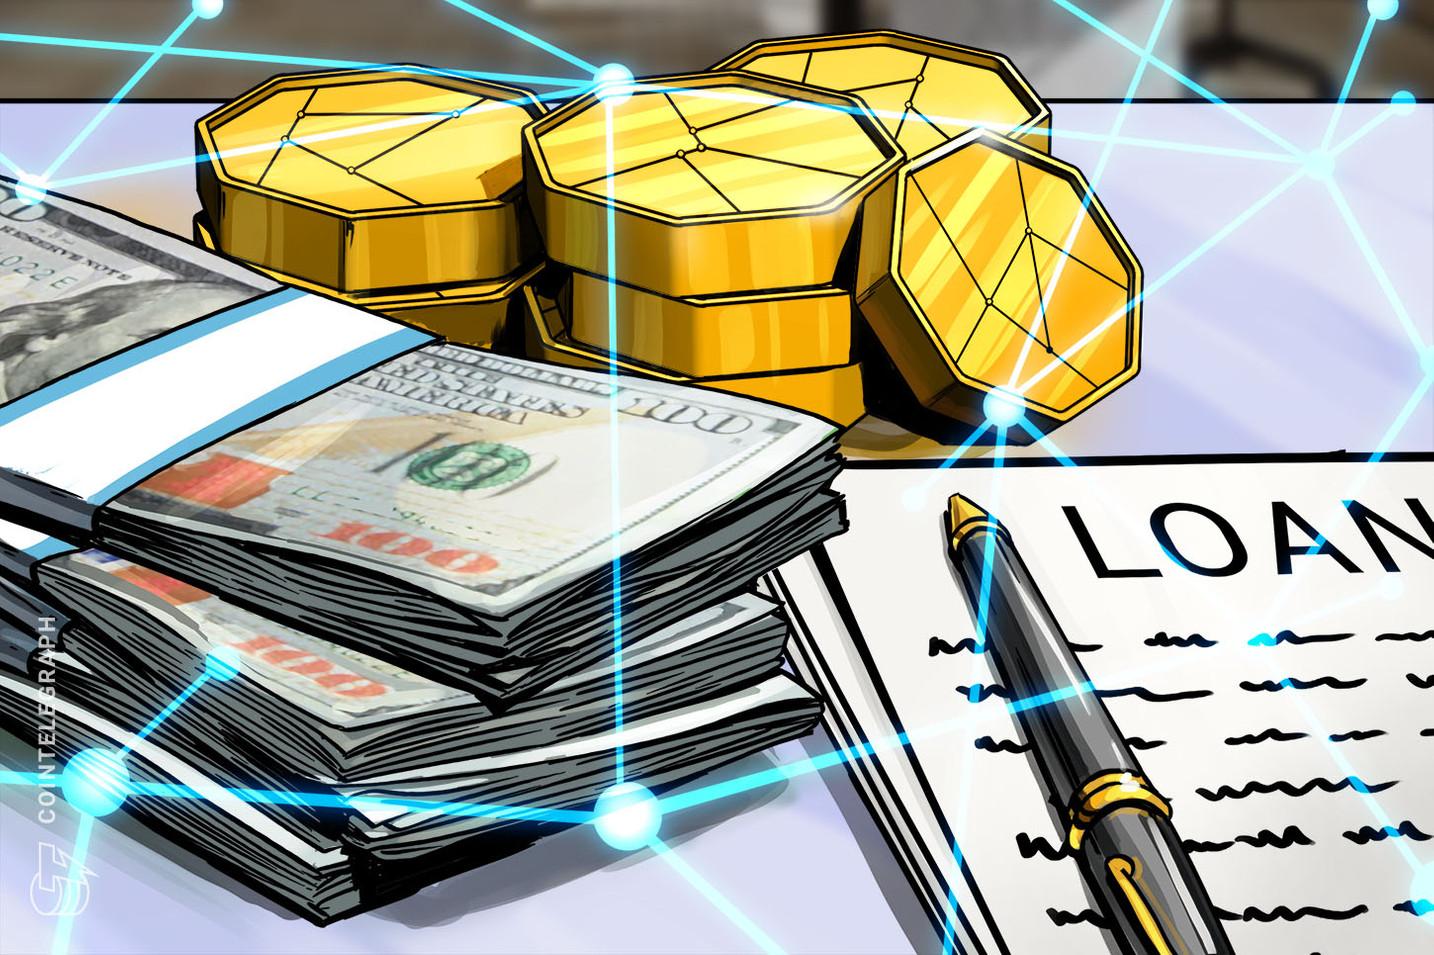 Banco digital Anchorage oferece empréstimos garantidos por Ethereum para instituições